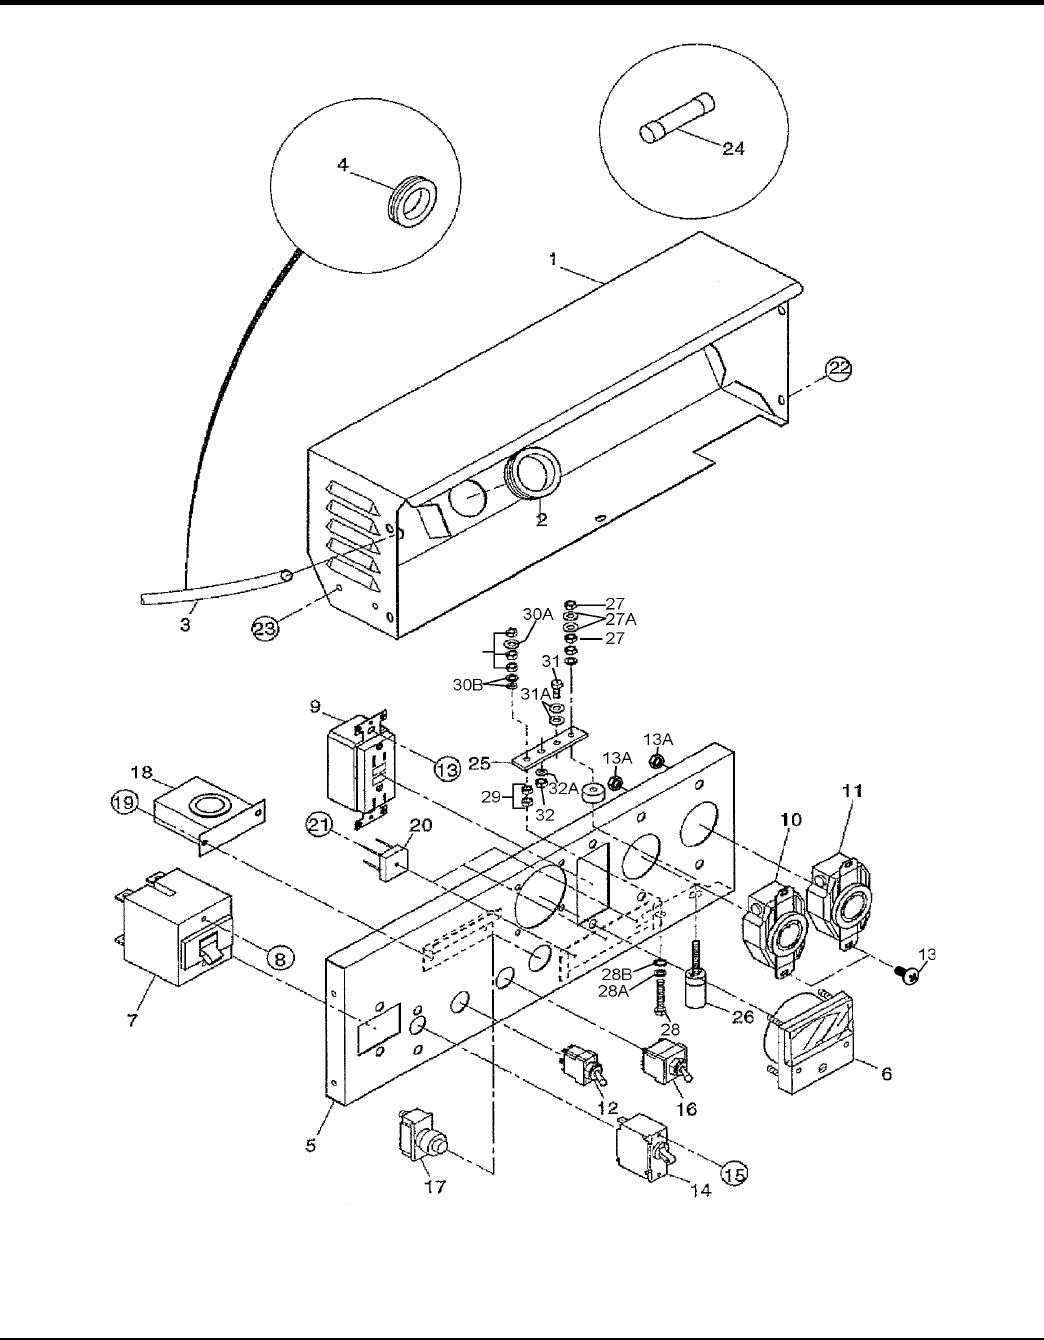 nema 14 50 schematic wiring diagram wiring diagram 5 30P Plug nema 14 50 schematic wiring diagram wiring diagramnema 14 50 schematic wiring diagram